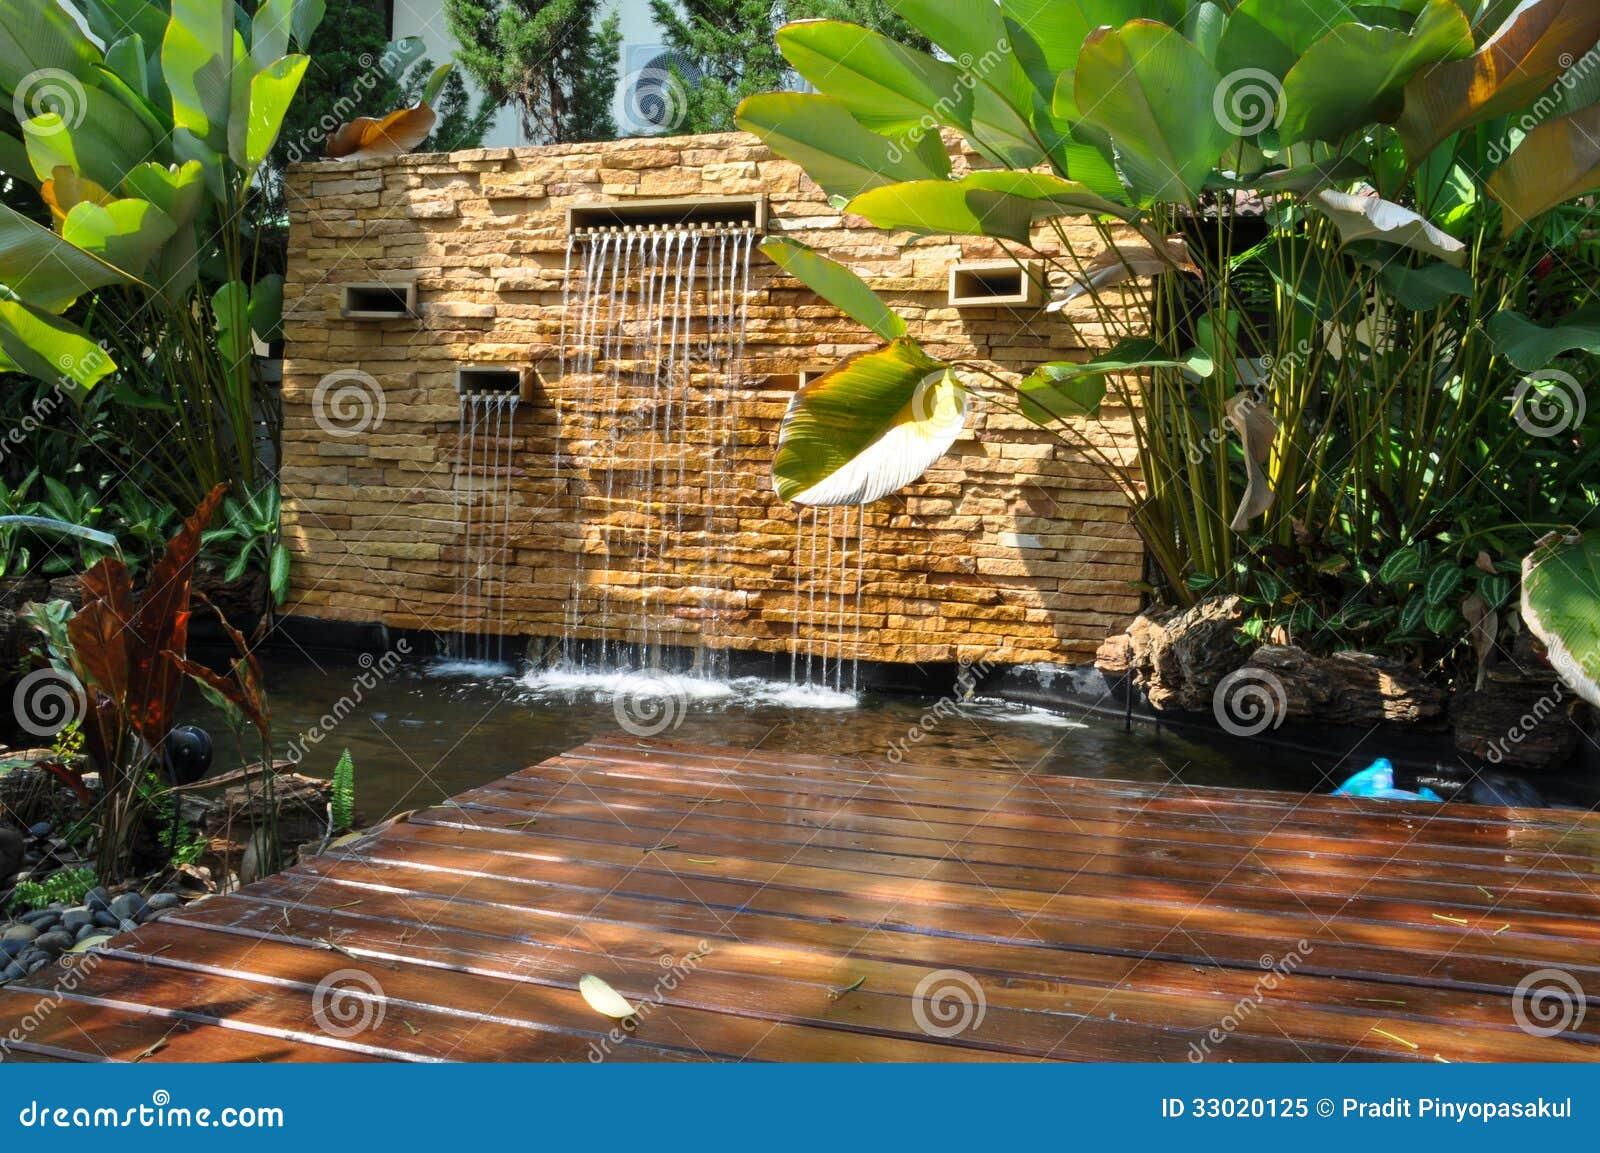 Charca decorativa de la cascada de la piedra del jard n for Cascadas en piedra para jardines